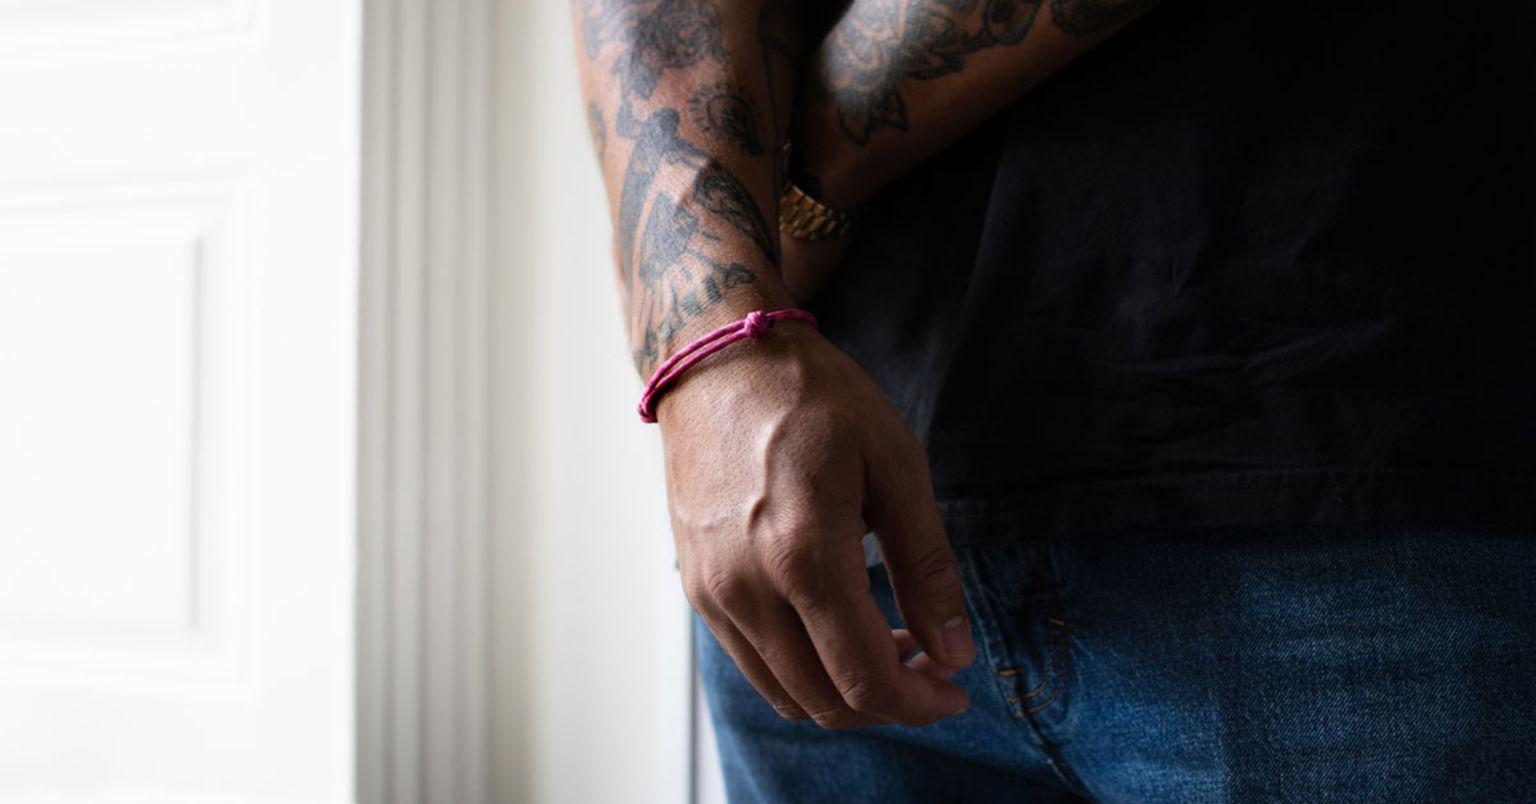 Ben Gorham med det rosa armbandet